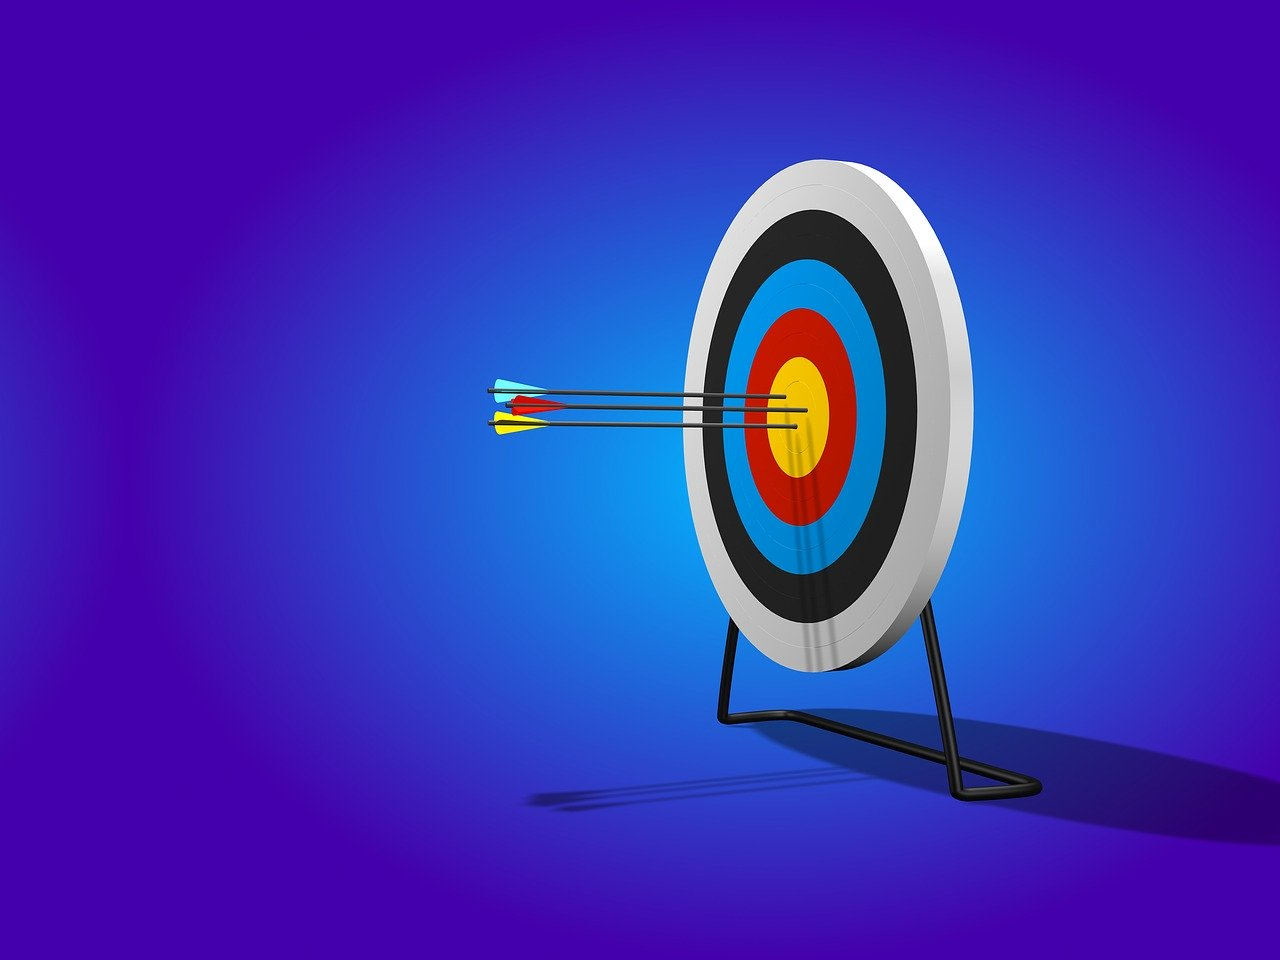 Programma di informazione e formazione Obiettivo target focus efficienza energetica DL rilancio